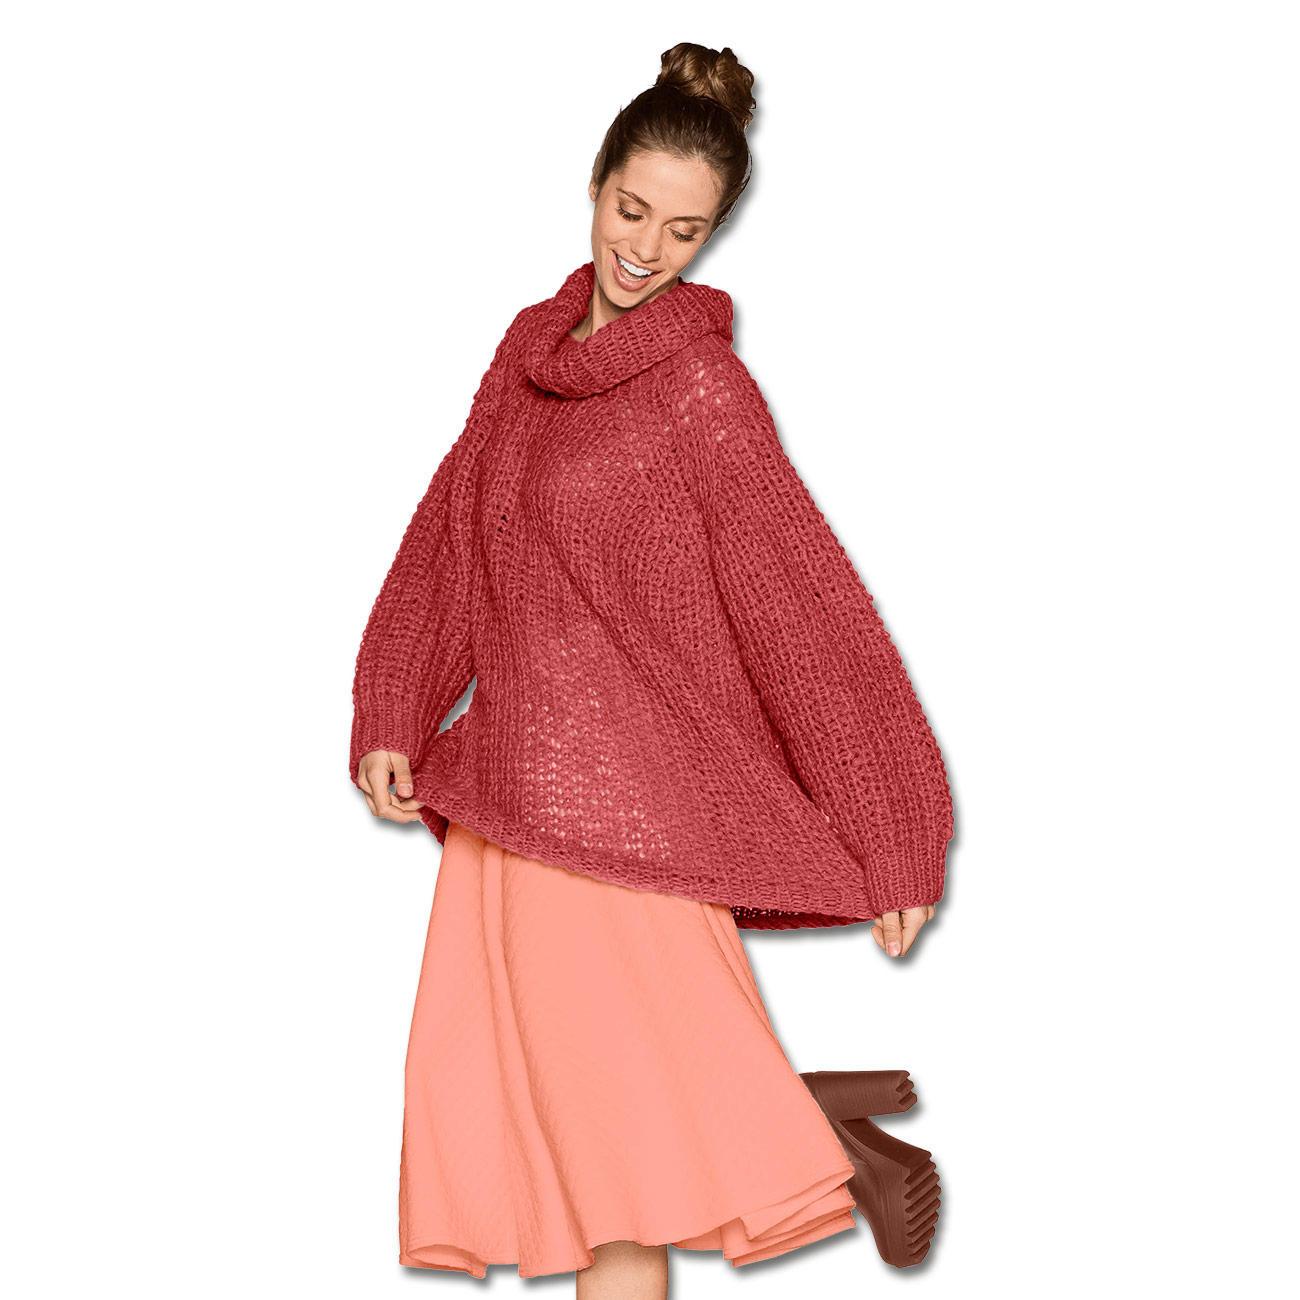 Anleitung 0105 Oversized Pullover Aus Aerea Von Junghans Wolle 1